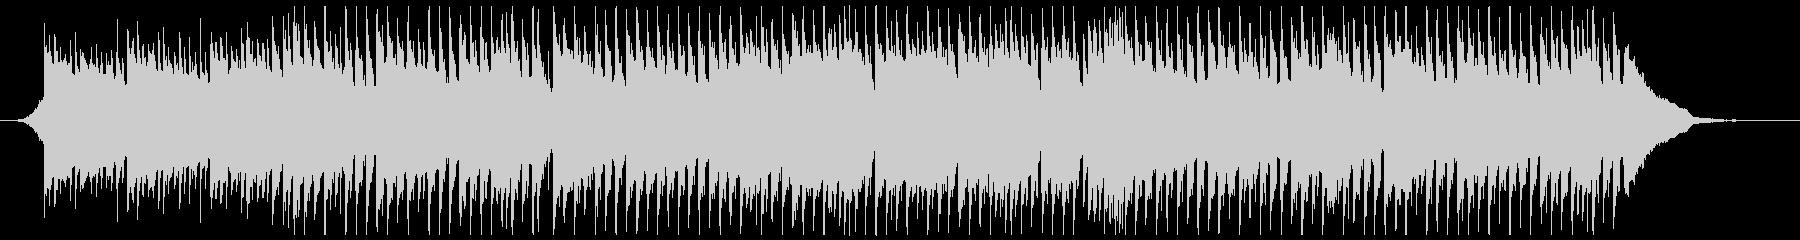 ベル キラキラ EDM TIKTOKの未再生の波形